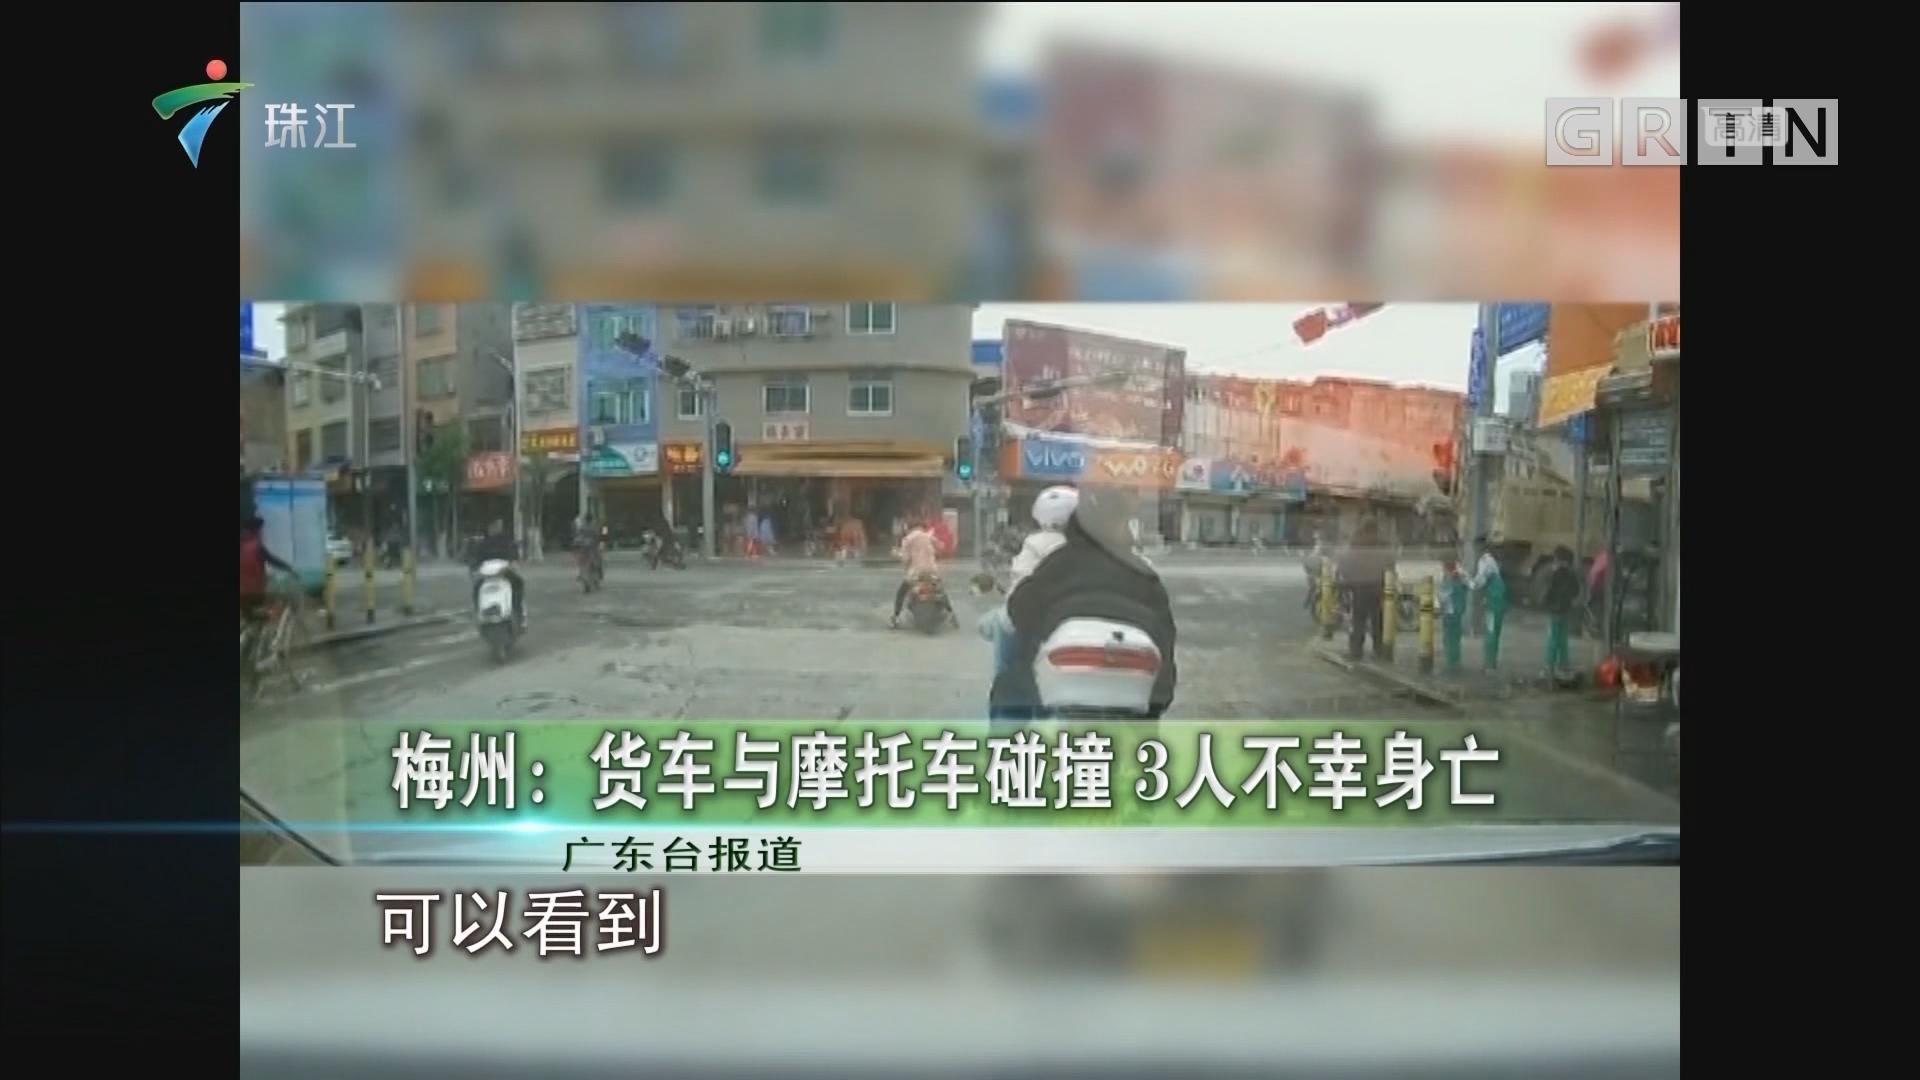 梅州:货车与摩托车碰撞 3人不幸身亡